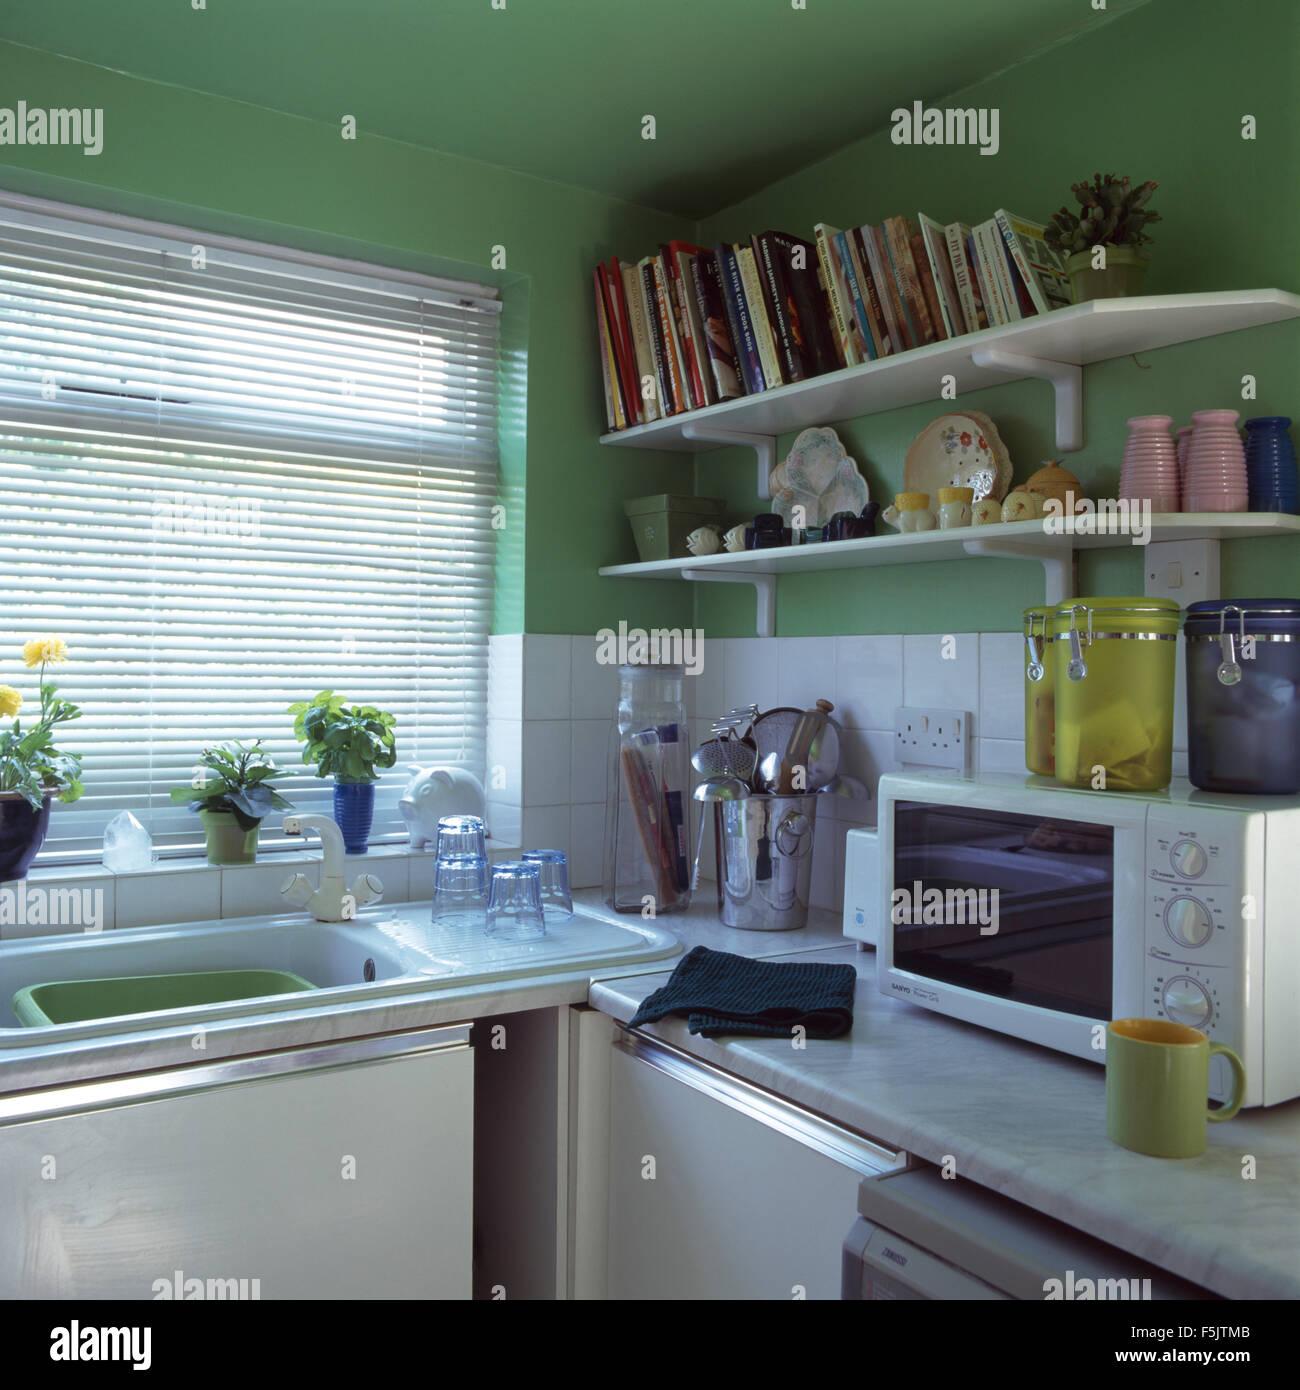 Etagere Dessus Micro Onde les étagères ouvertes au-dessus de plan de travail à micro